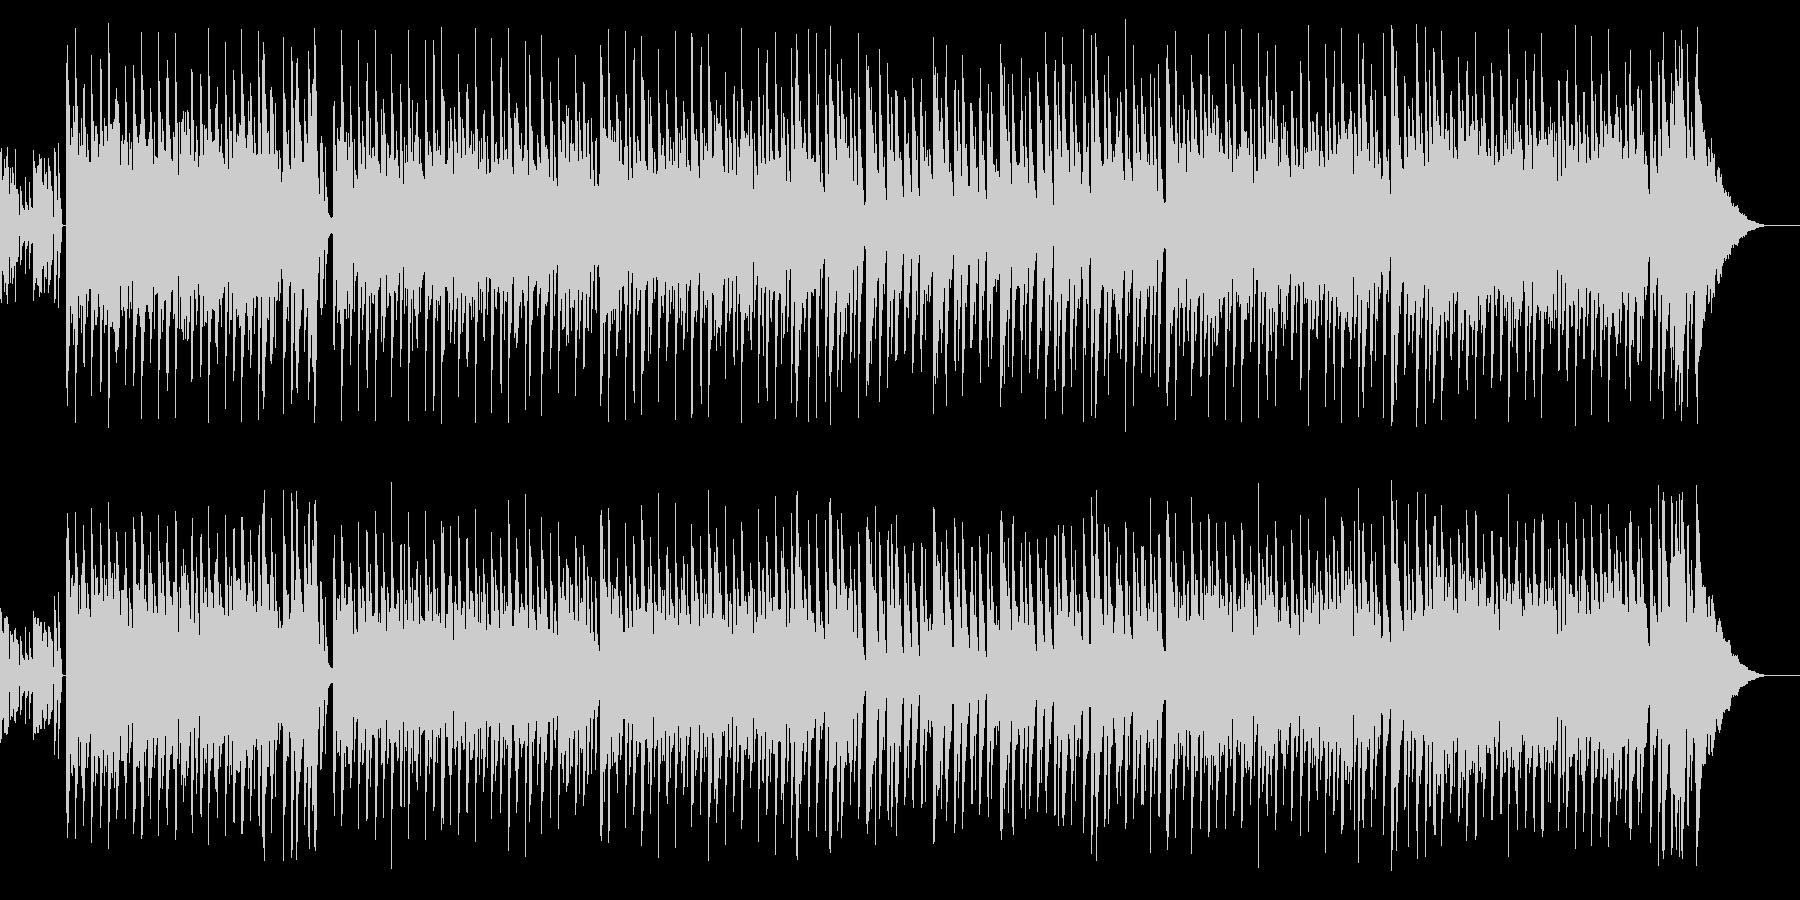 日常シーンぽい夏っぽいポップなBGMの未再生の波形